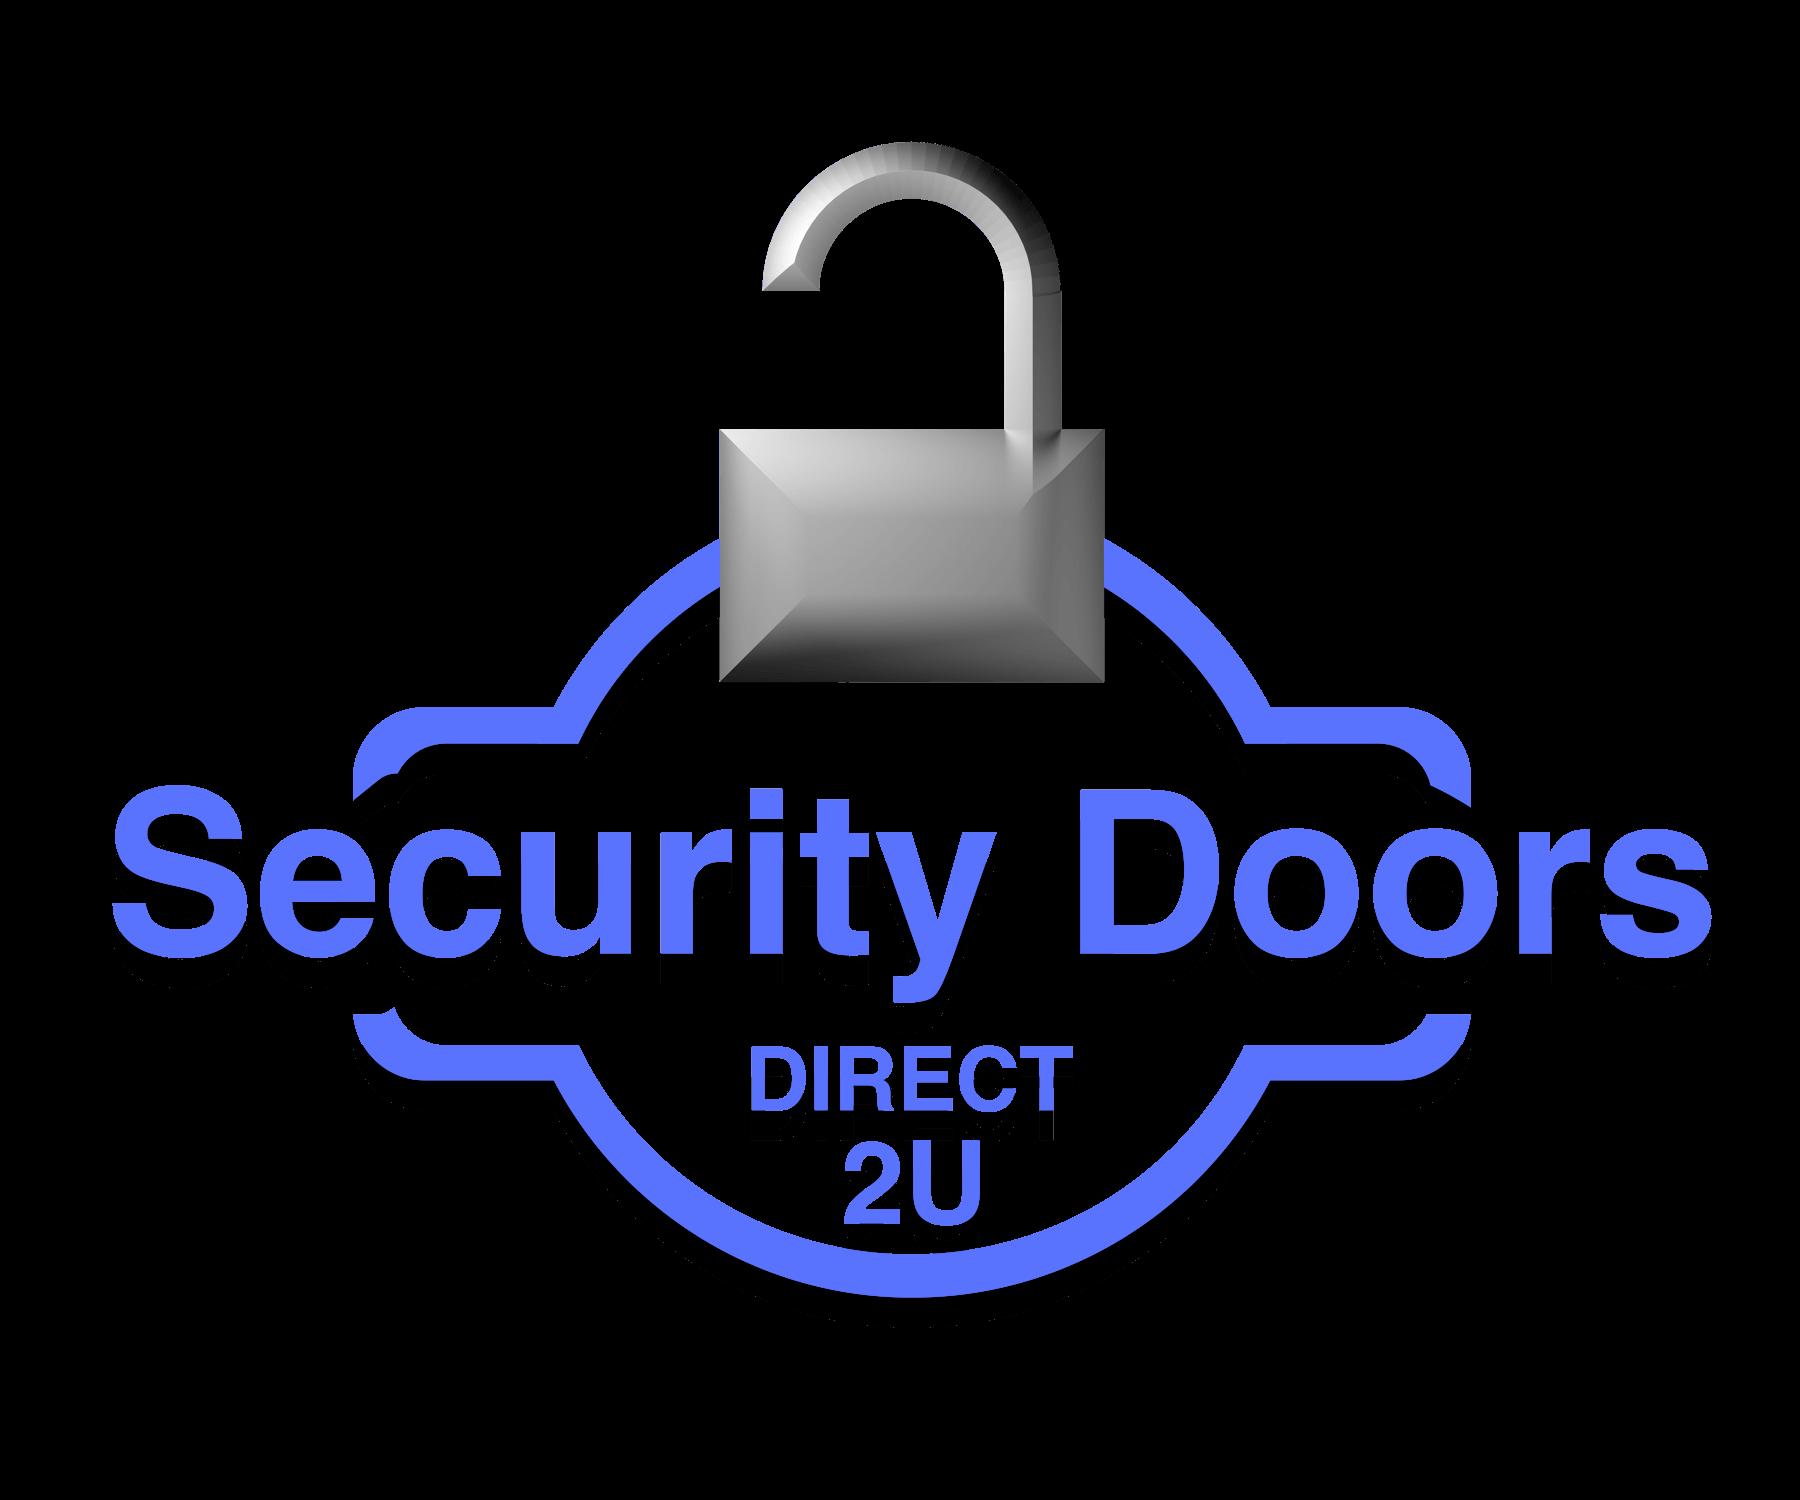 Security Doors Direct 2 U